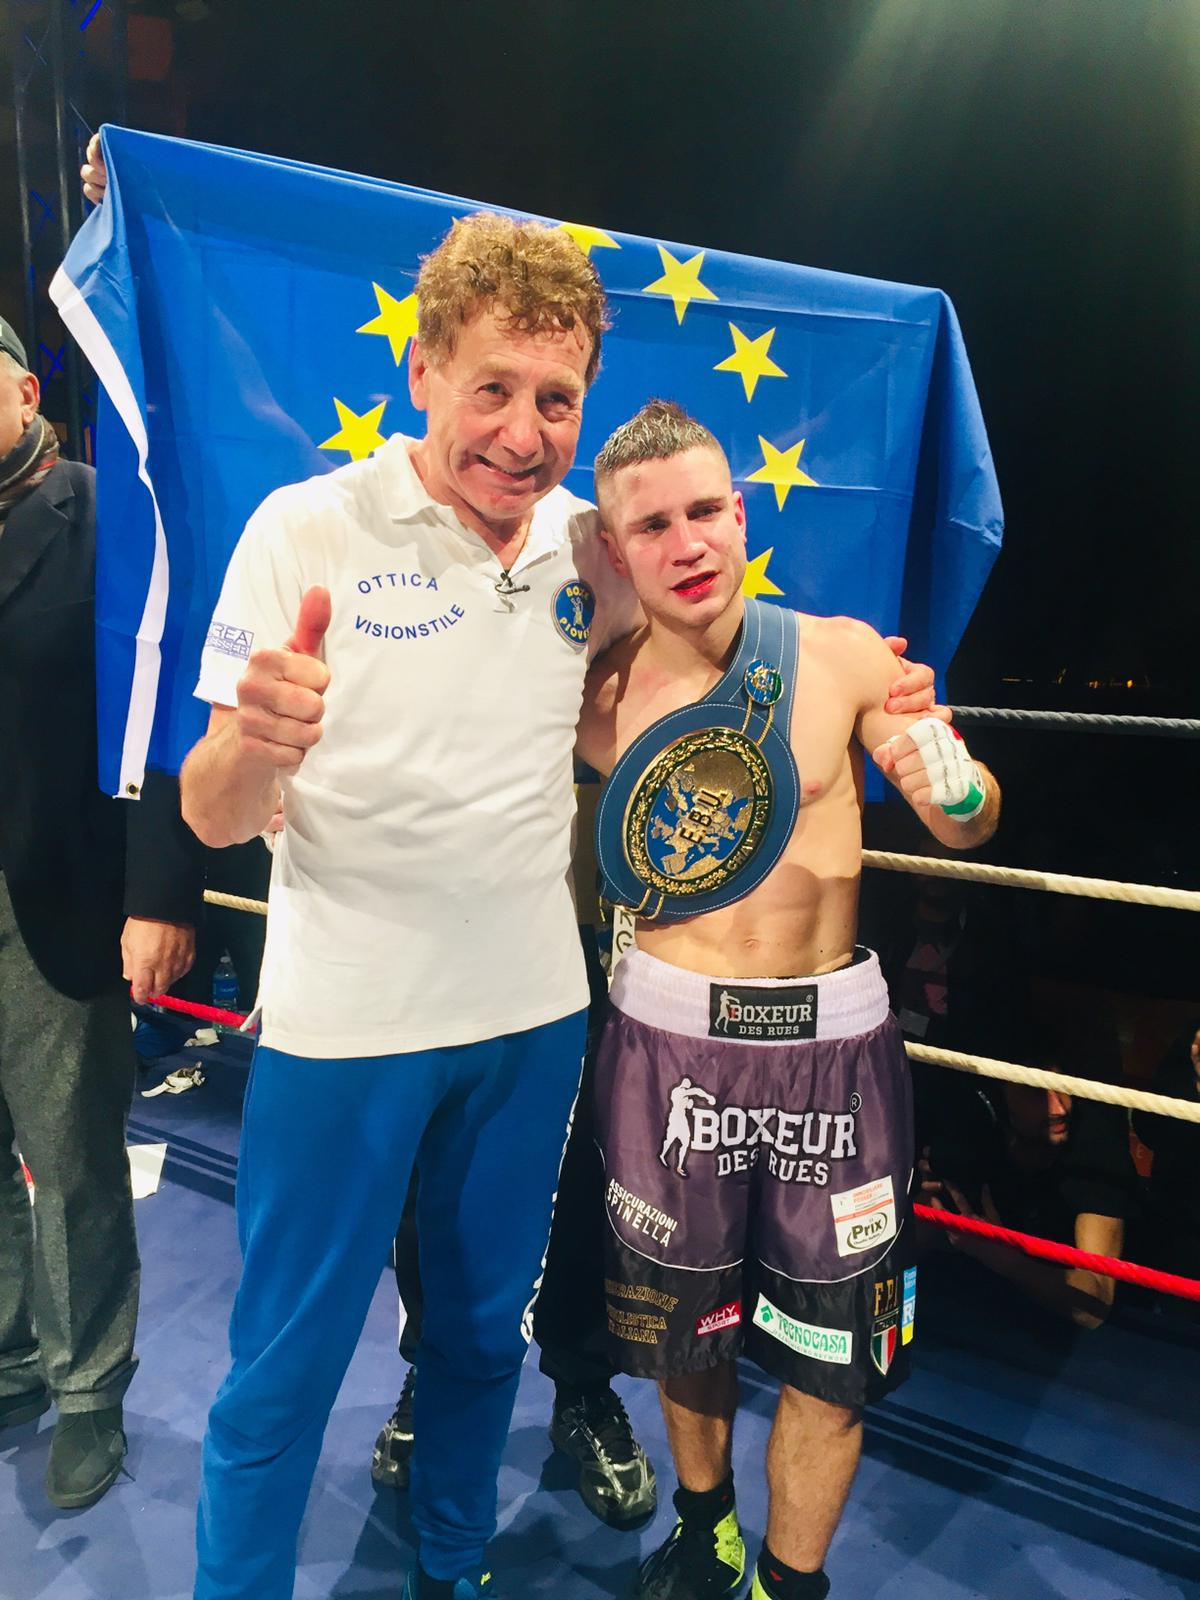 Boxe, venerdì a Schio Rigoldi-Yegorov, in gioco europeo e futuro